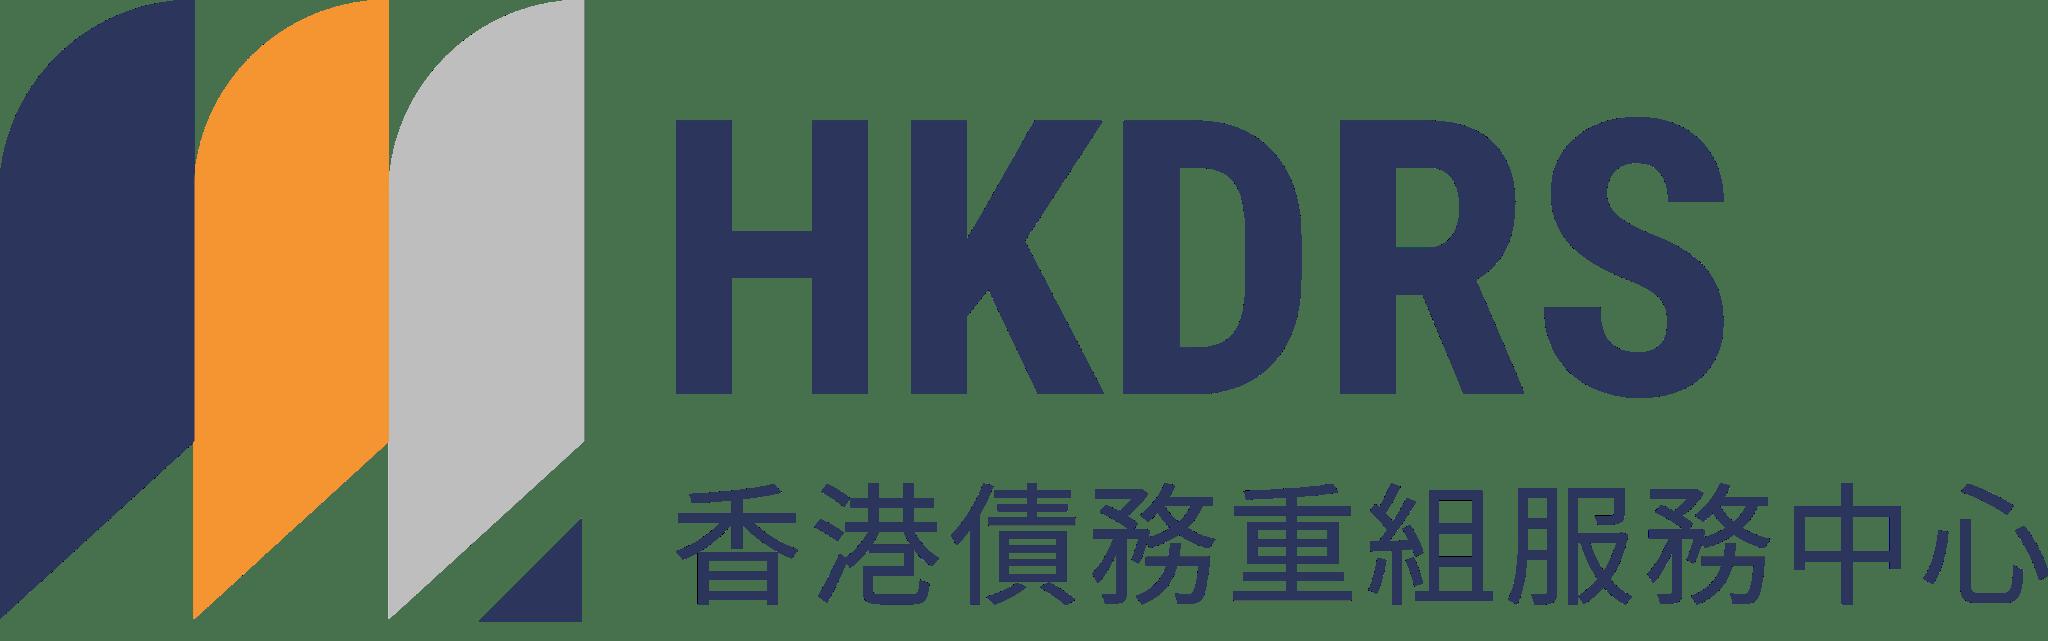 HKDRS 香港債務重組服務中心